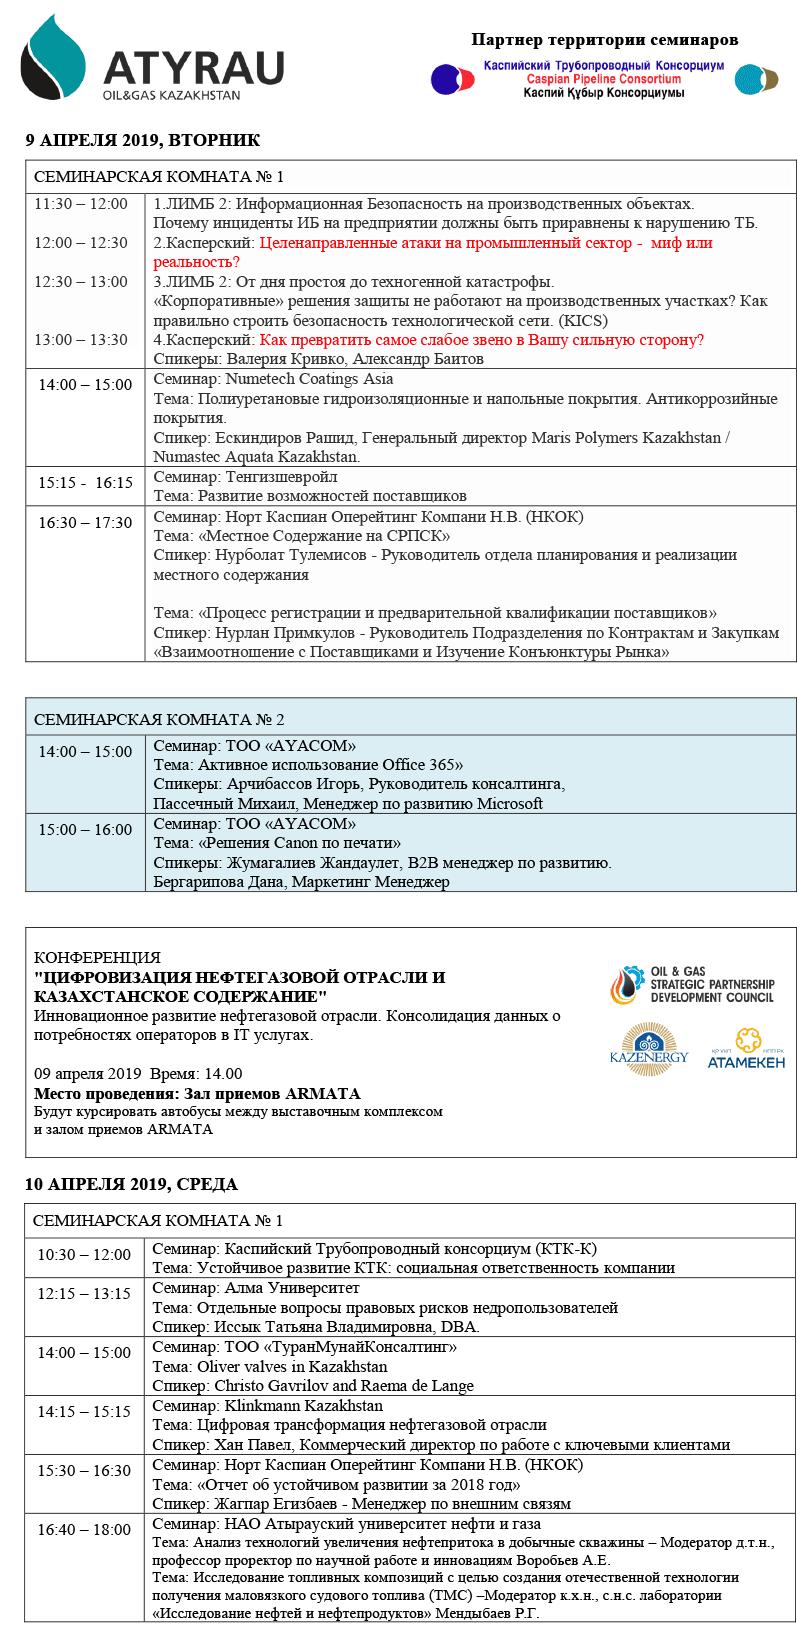 Atyrau19 Programme rus